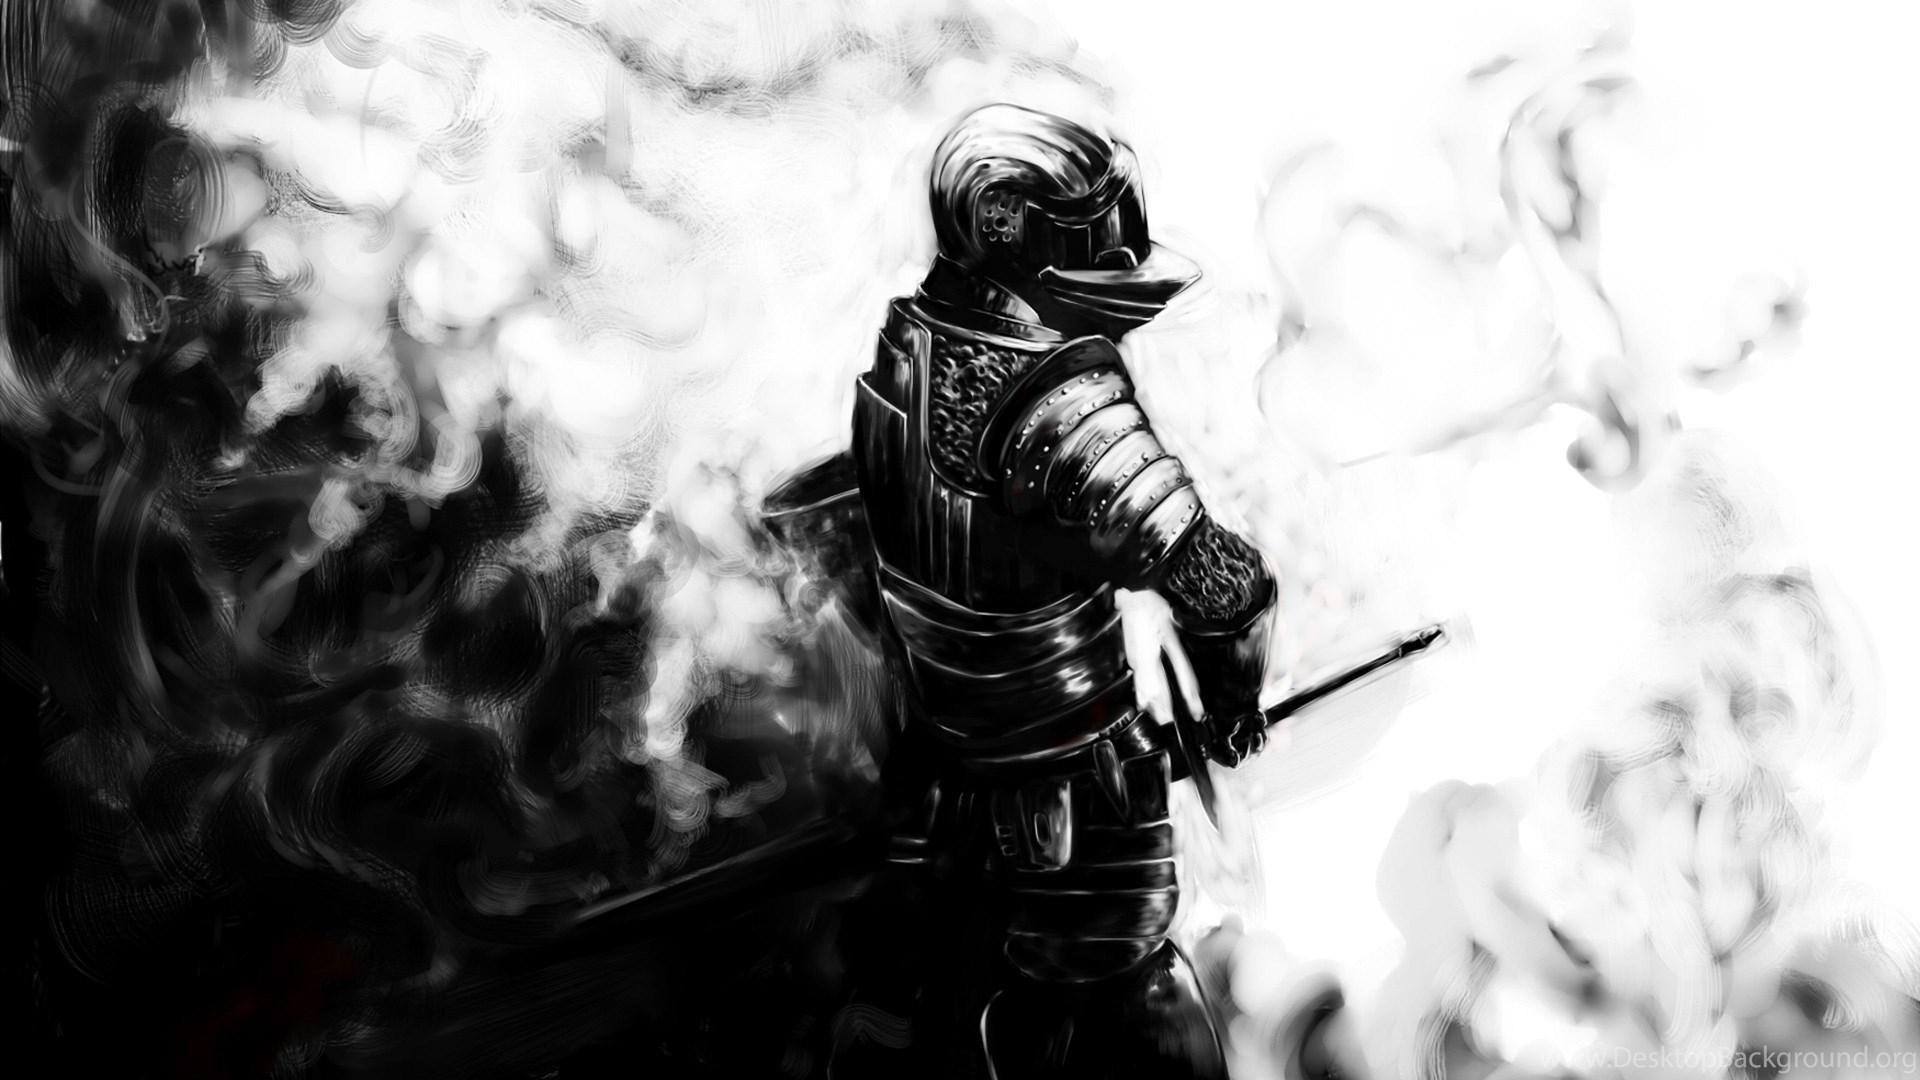 4K Ultra HD Dark Souls Wallpapers HD, Desktop Backgrounds